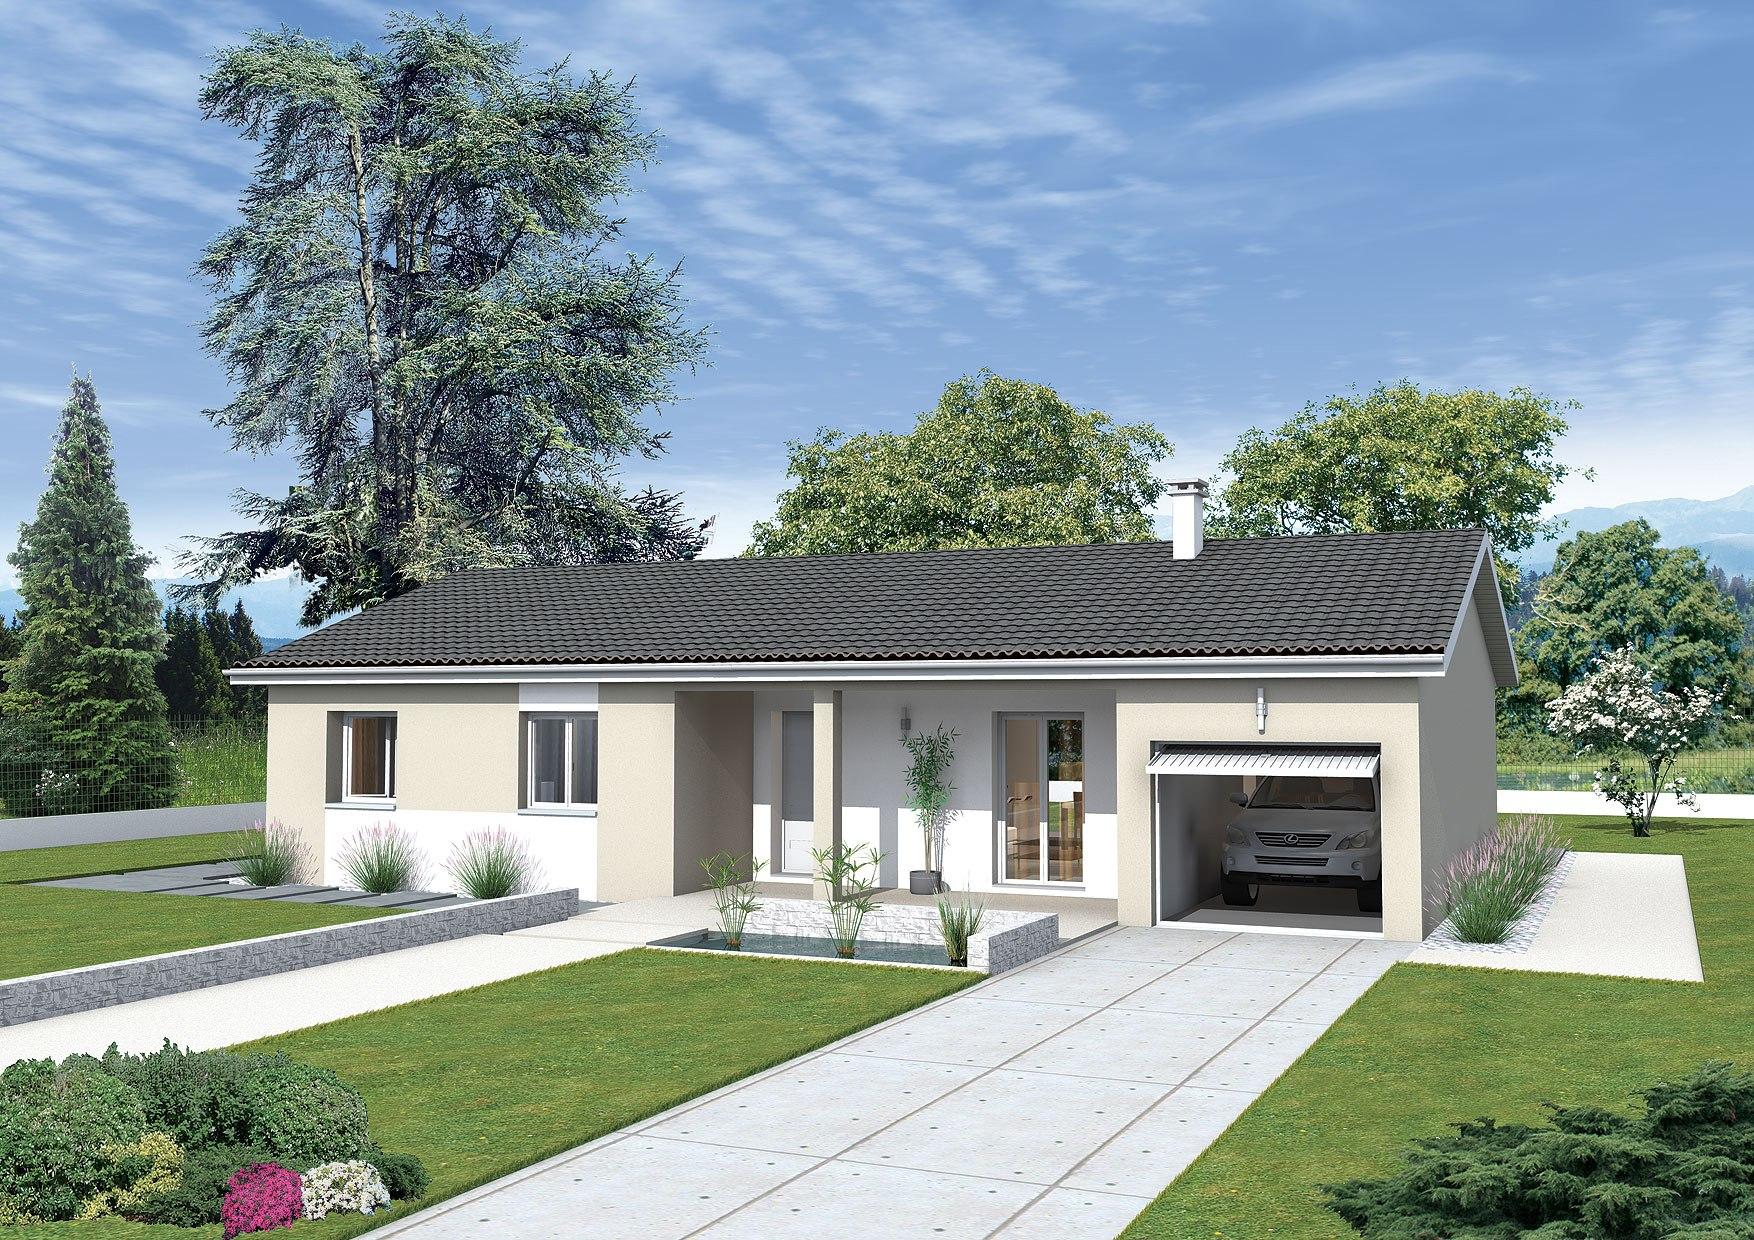 Maisons + Terrains du constructeur MAISONS PUNCH SIEGE SOCIAL • 85 m² • TAPONAS